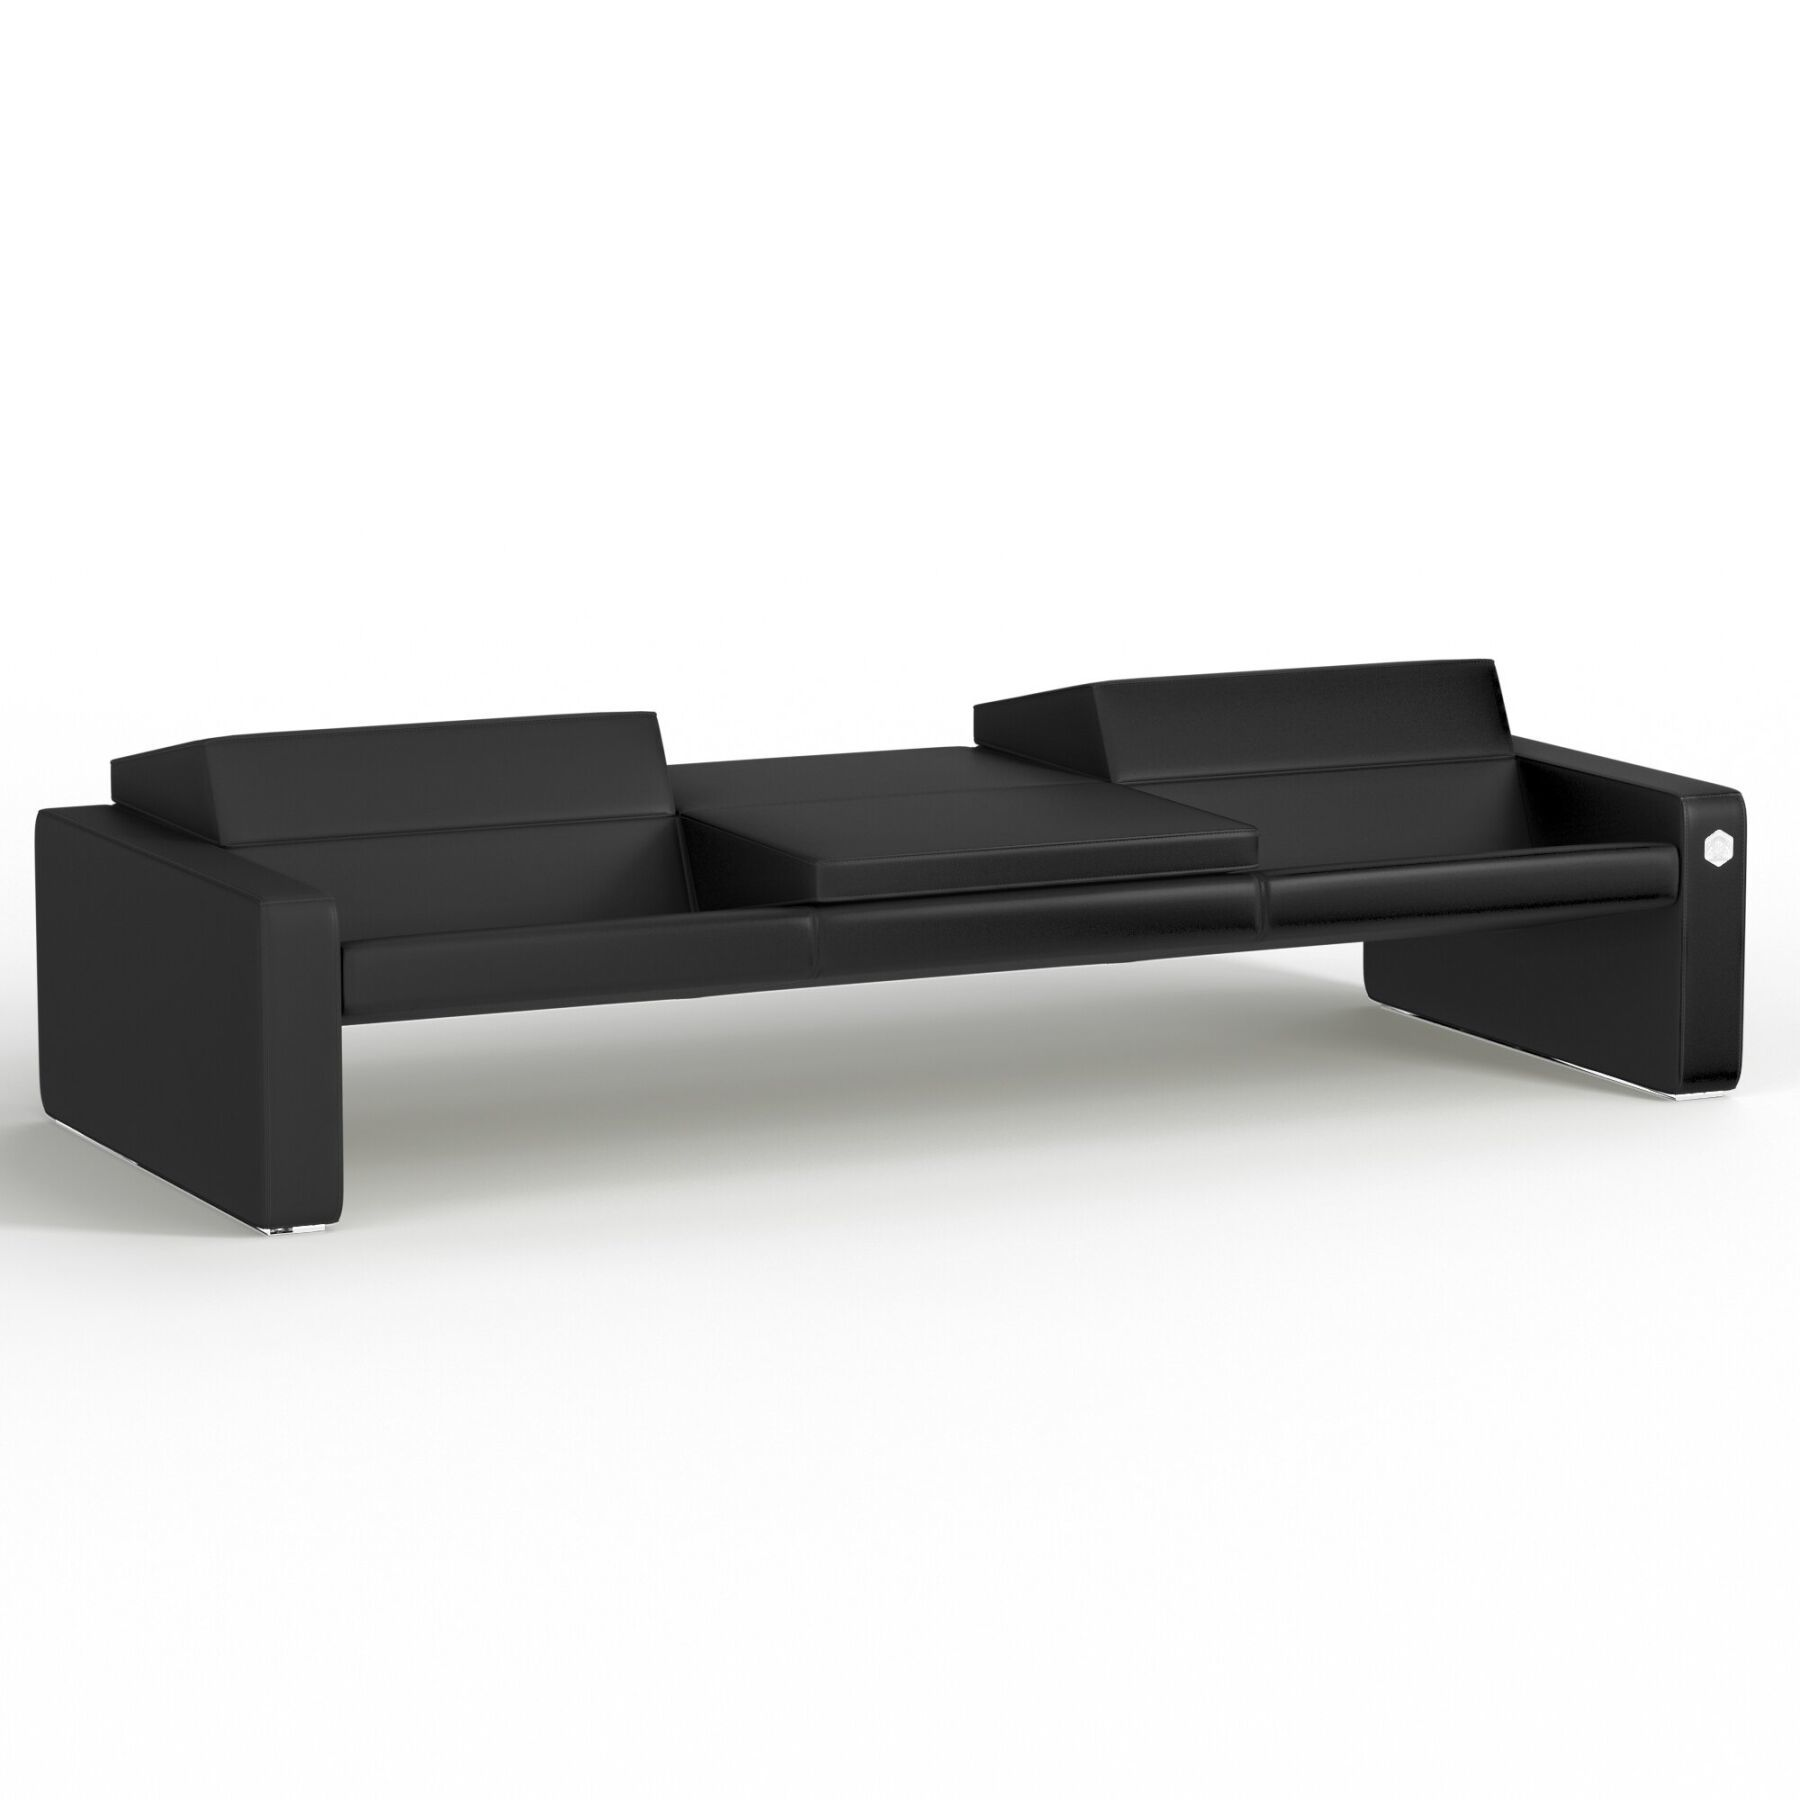 Трехместный диван KULIK SYSTEM SMART Экокожа 3